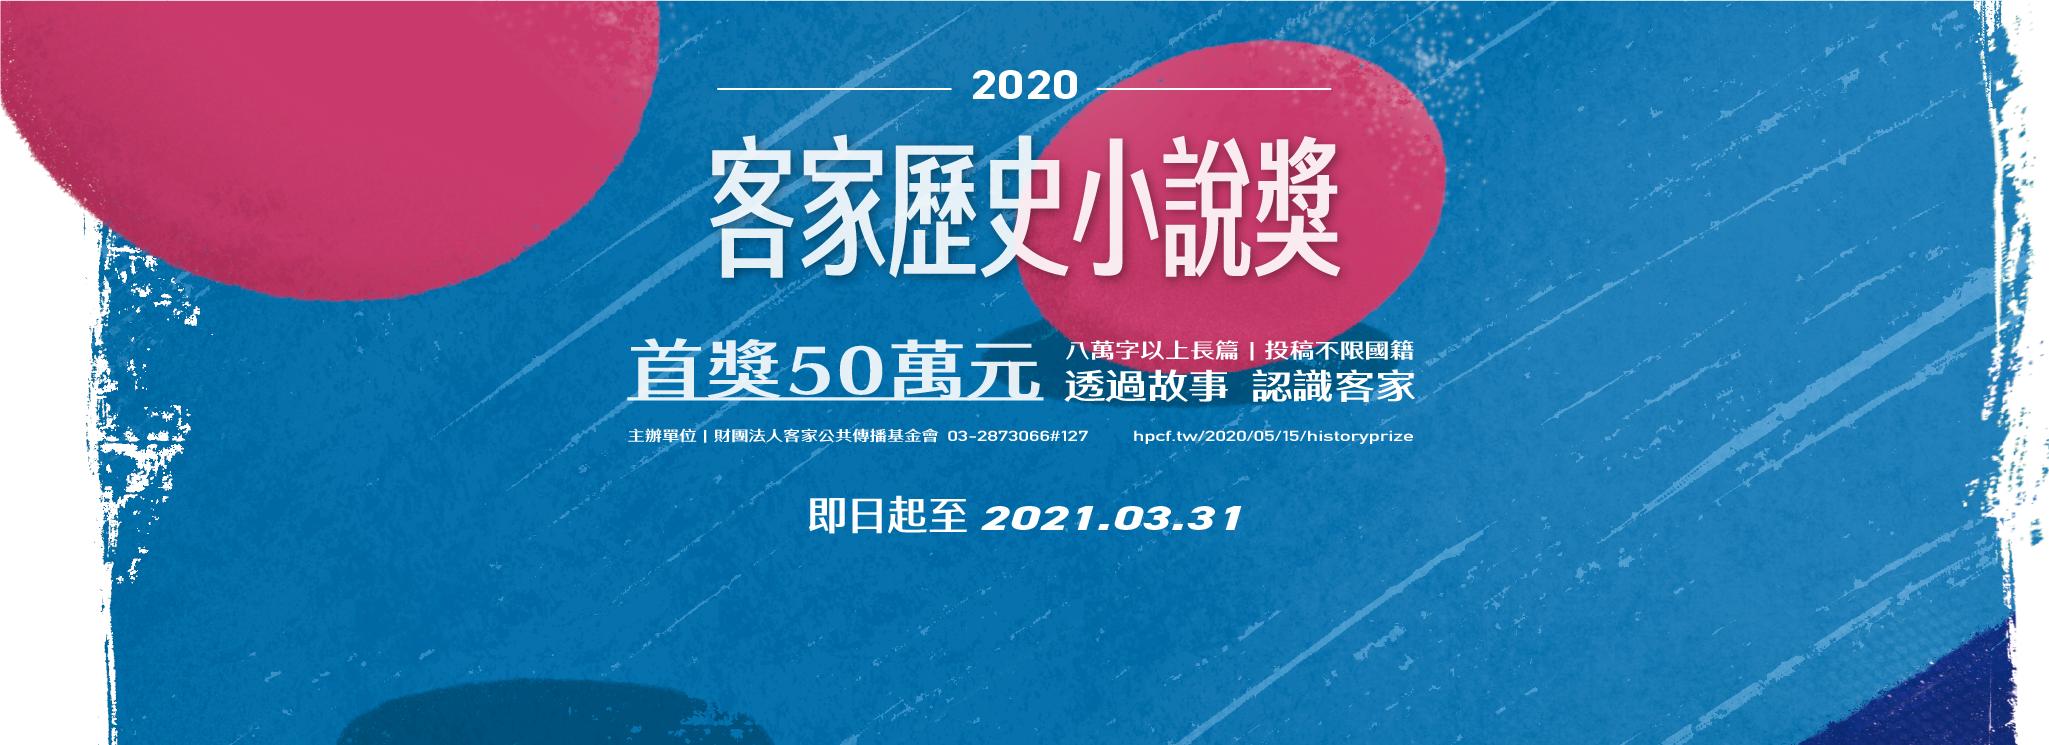 【2020客家歷史小說獎】徵文開始!報名簡章下載